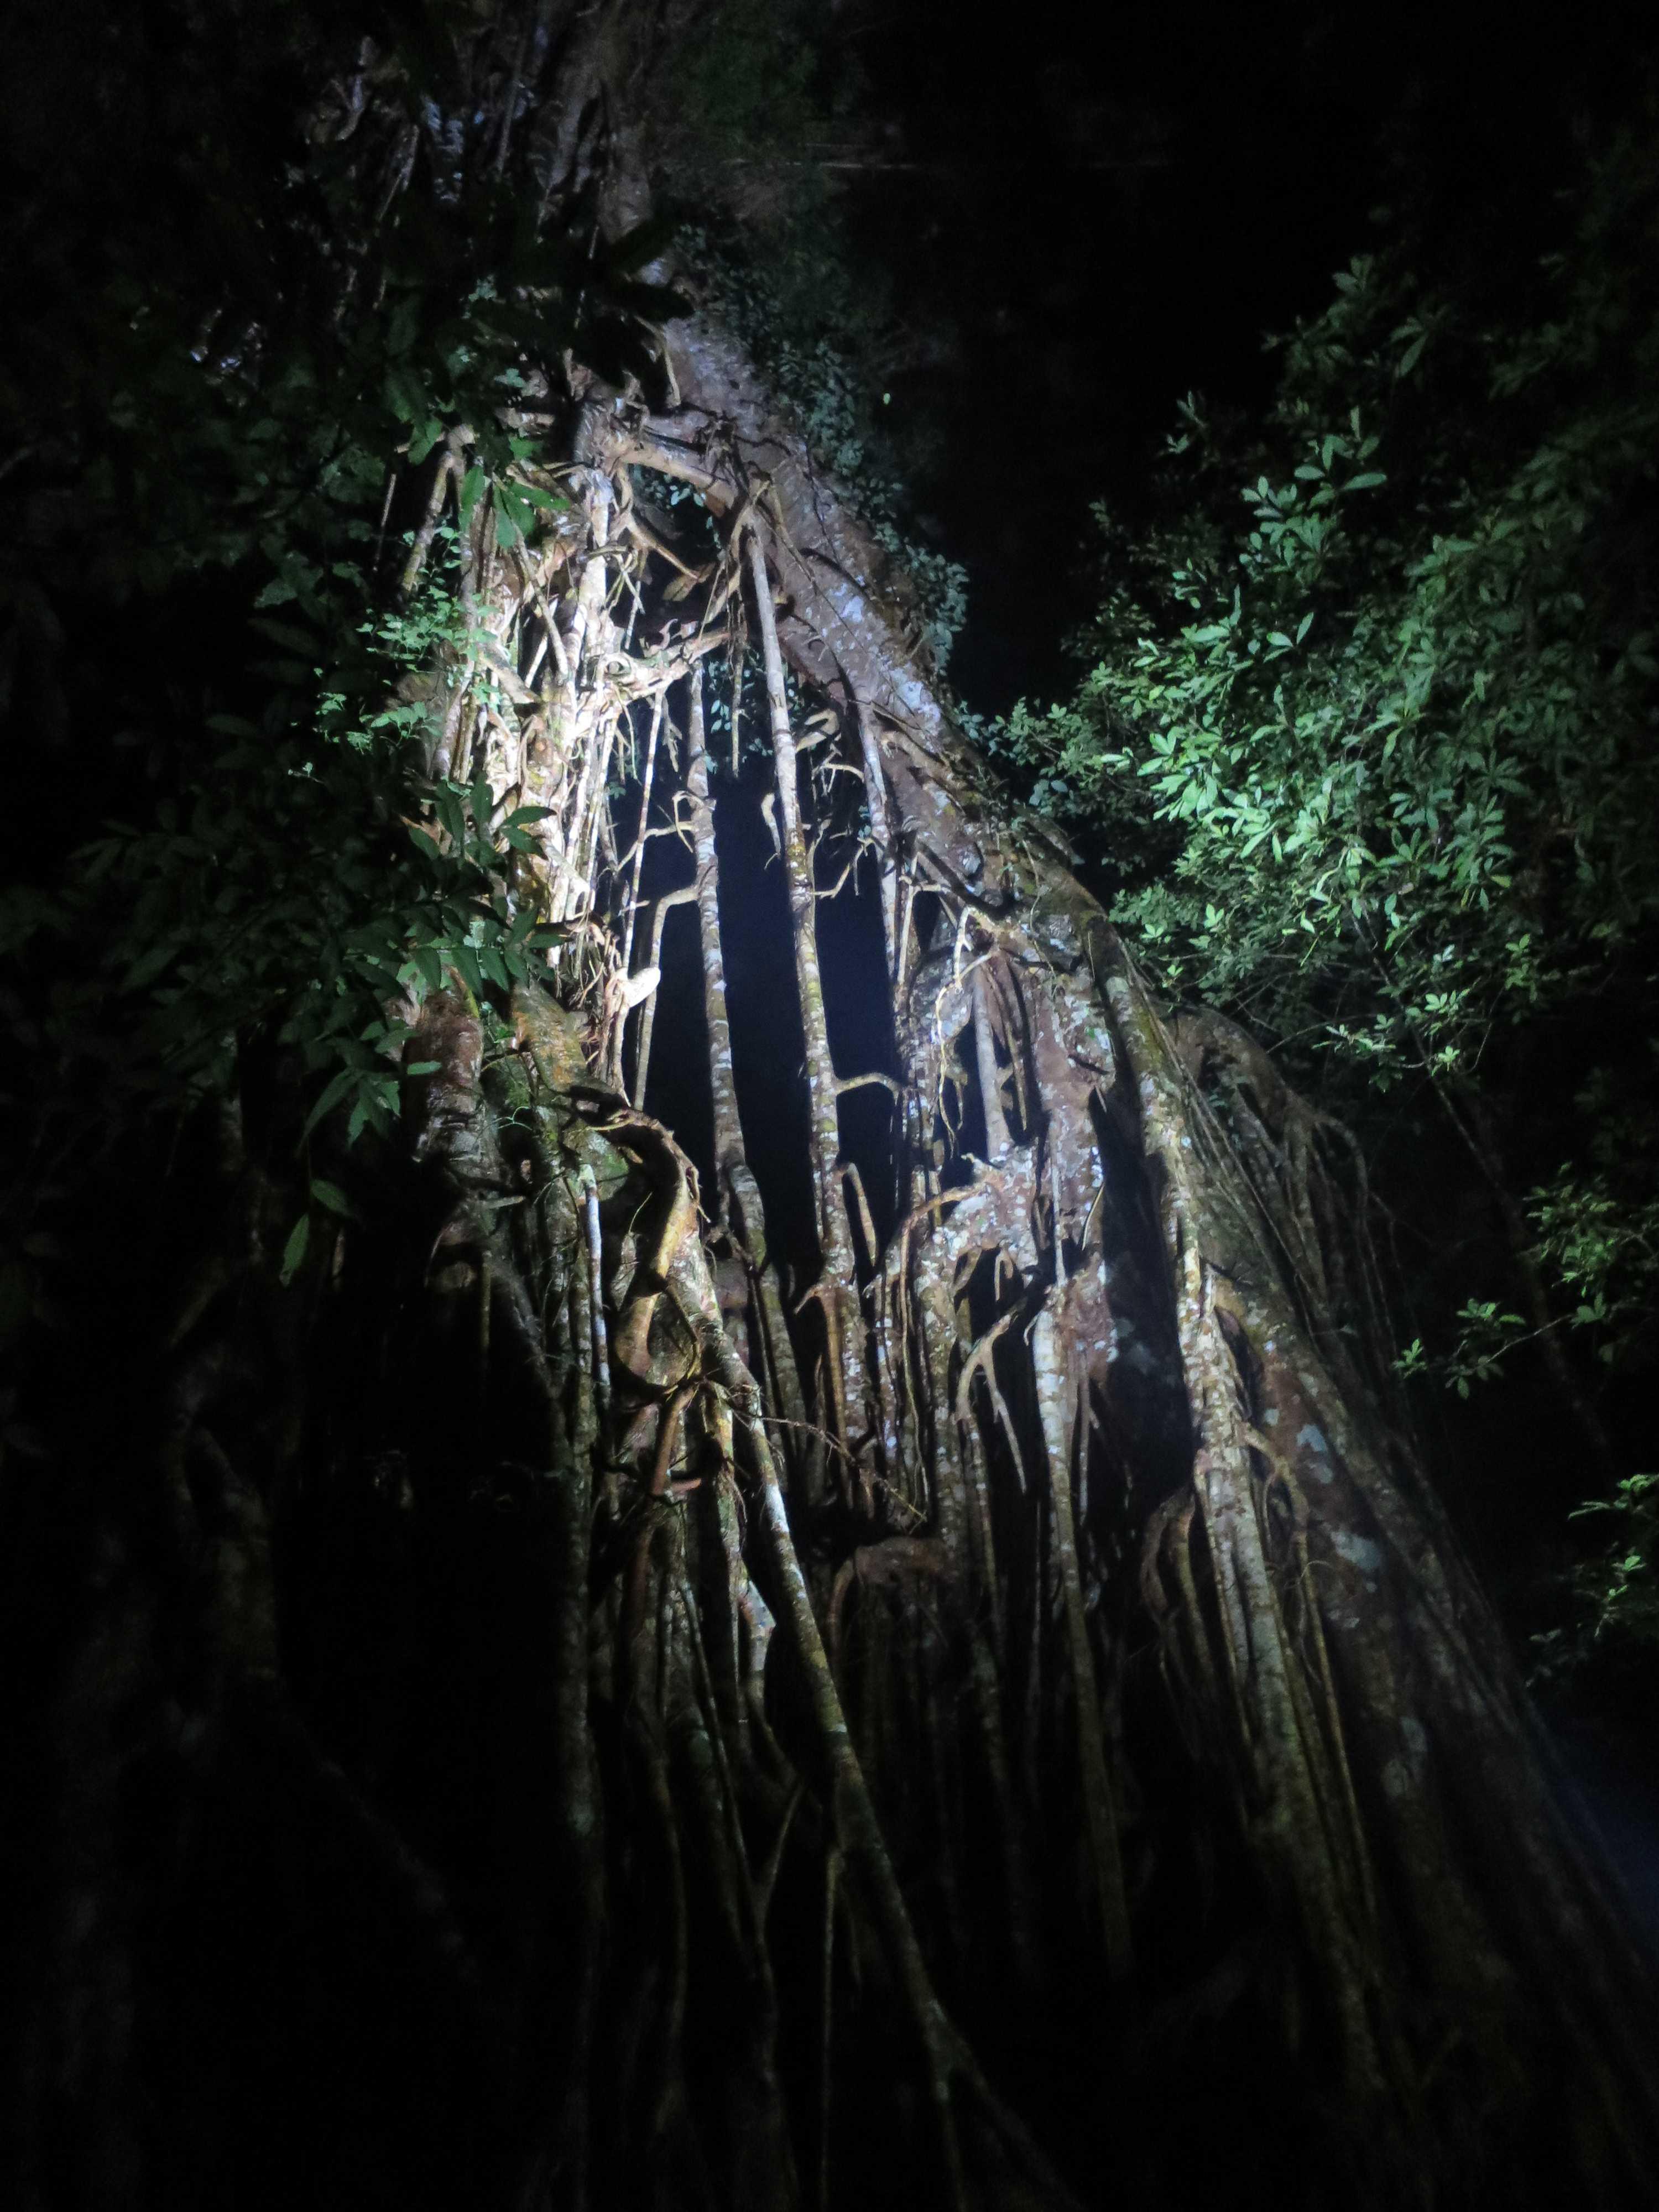 聖堂の樹は無花果(イチジク/いちじく)の樹です。